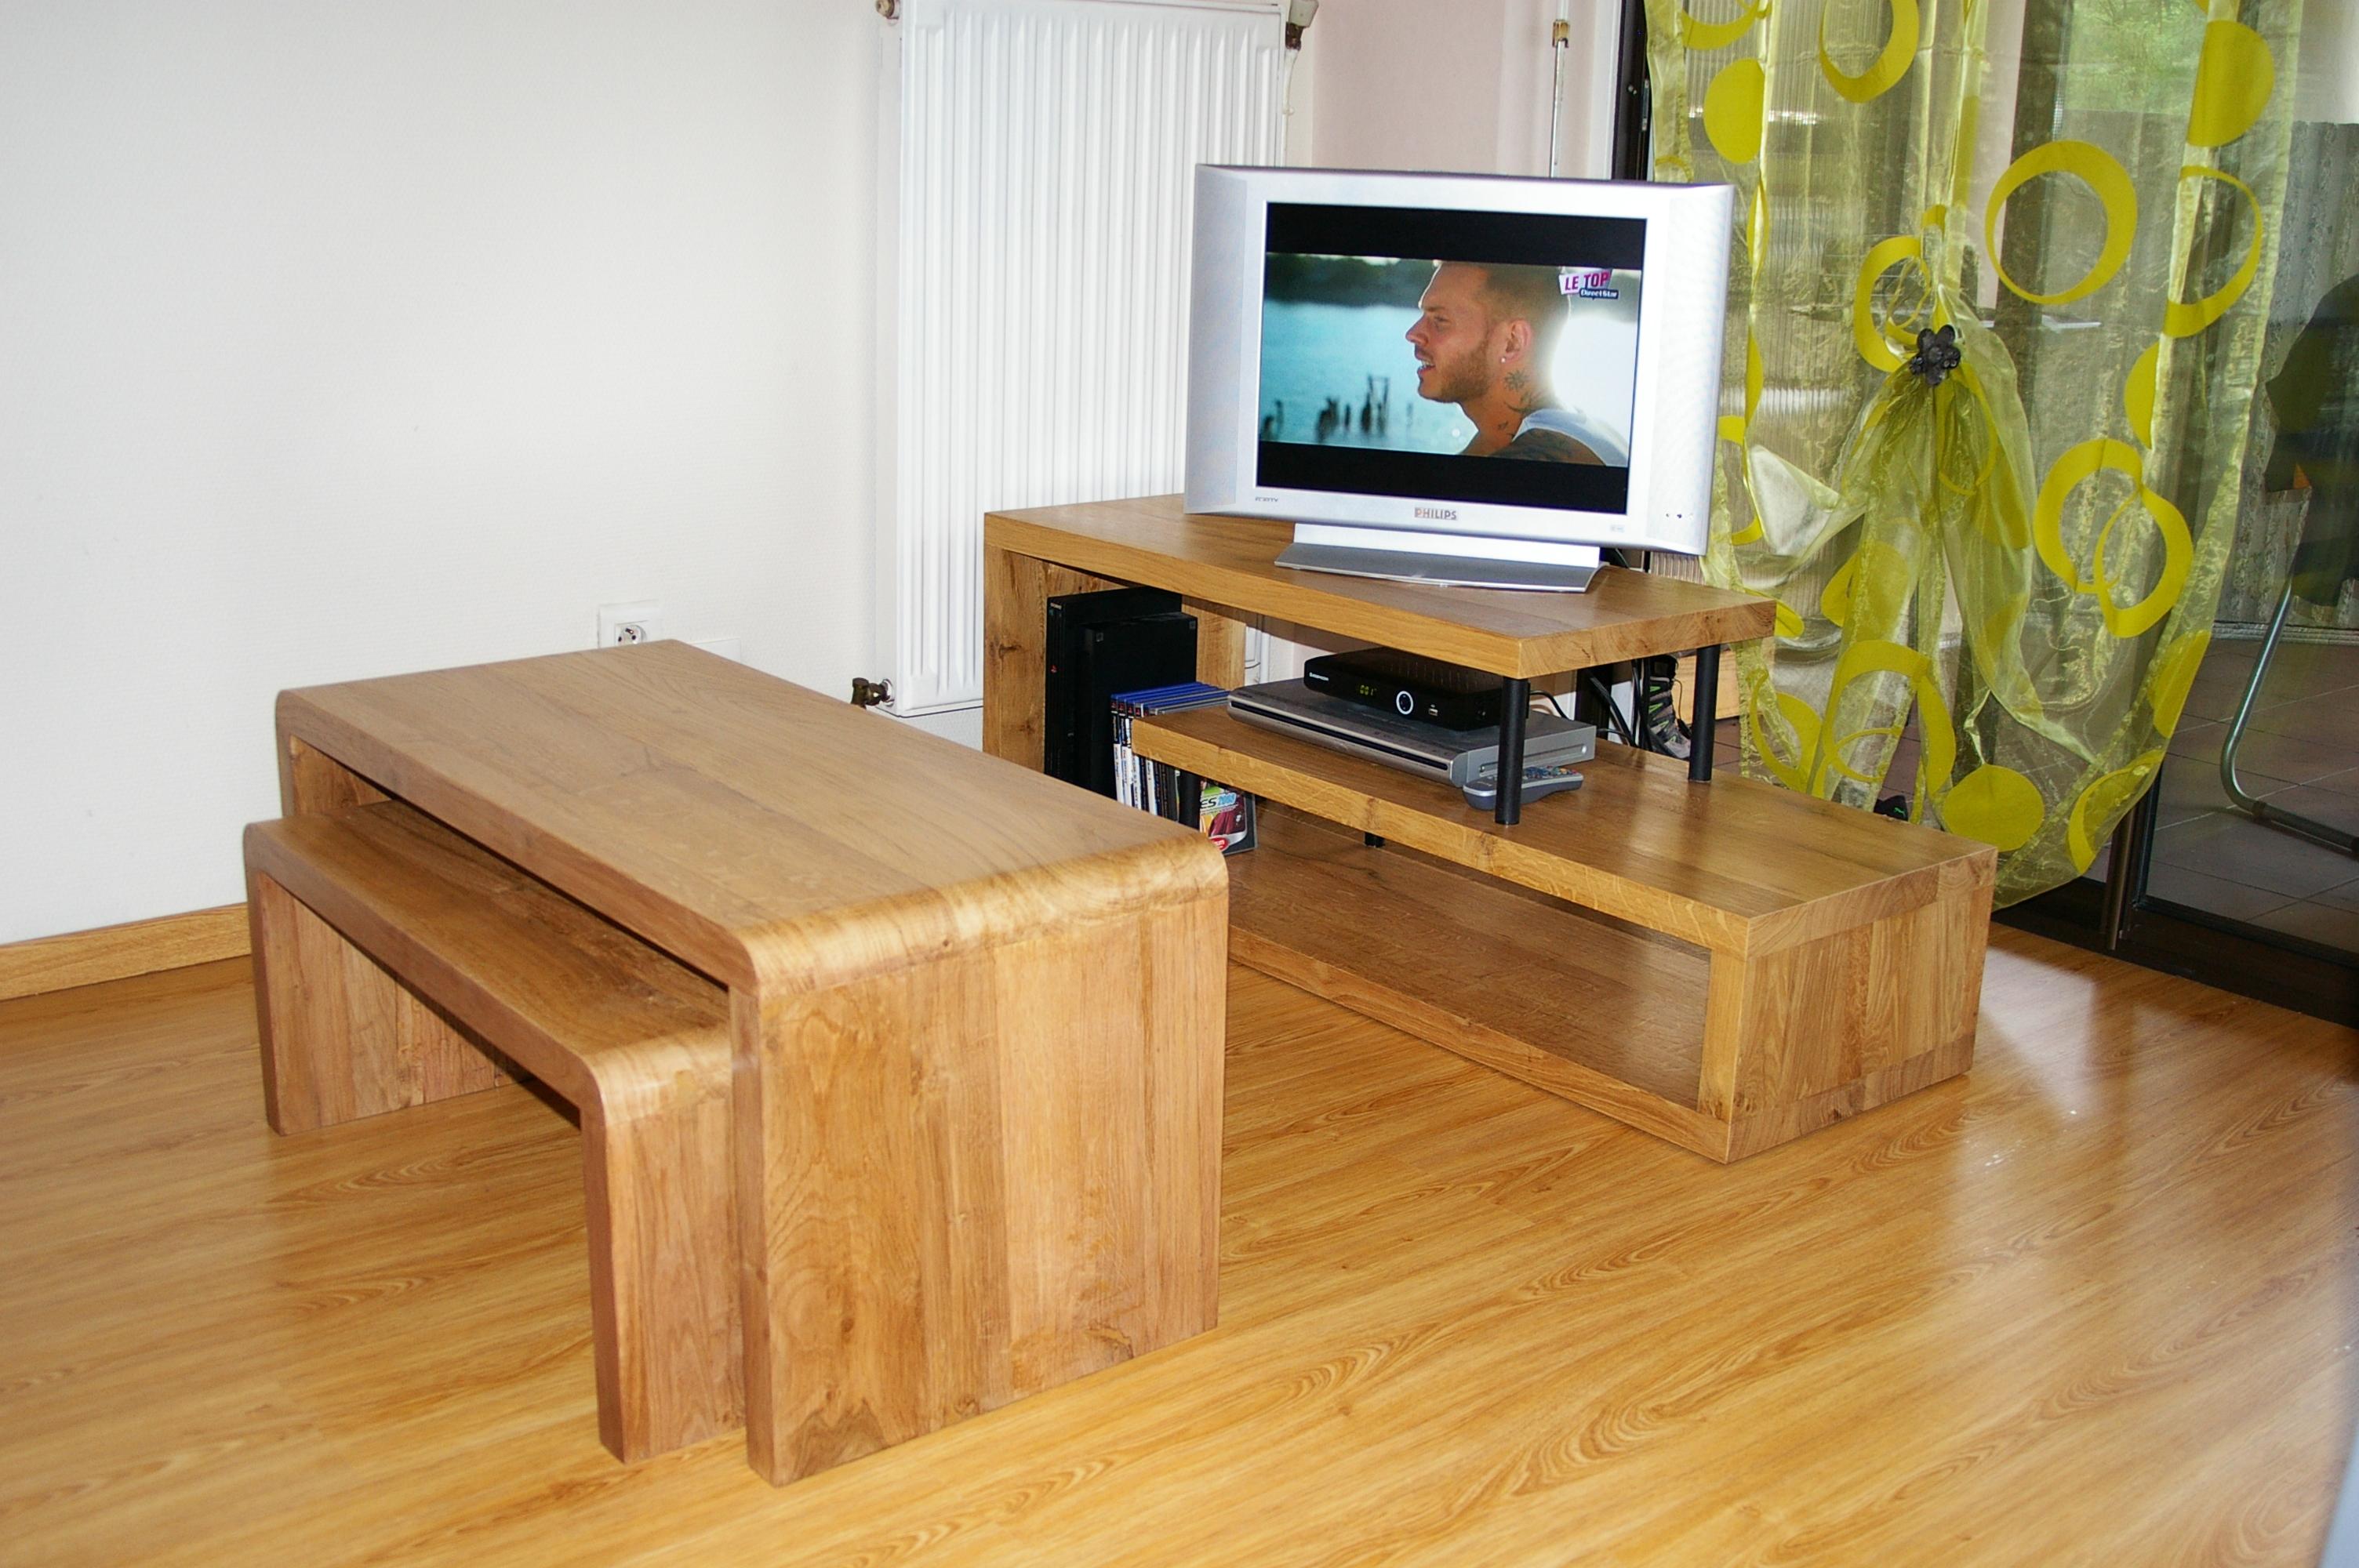 Meuble T L Et Tables Basses Gigognes De Style Pur Bois  # Meuble Tv Gigogne